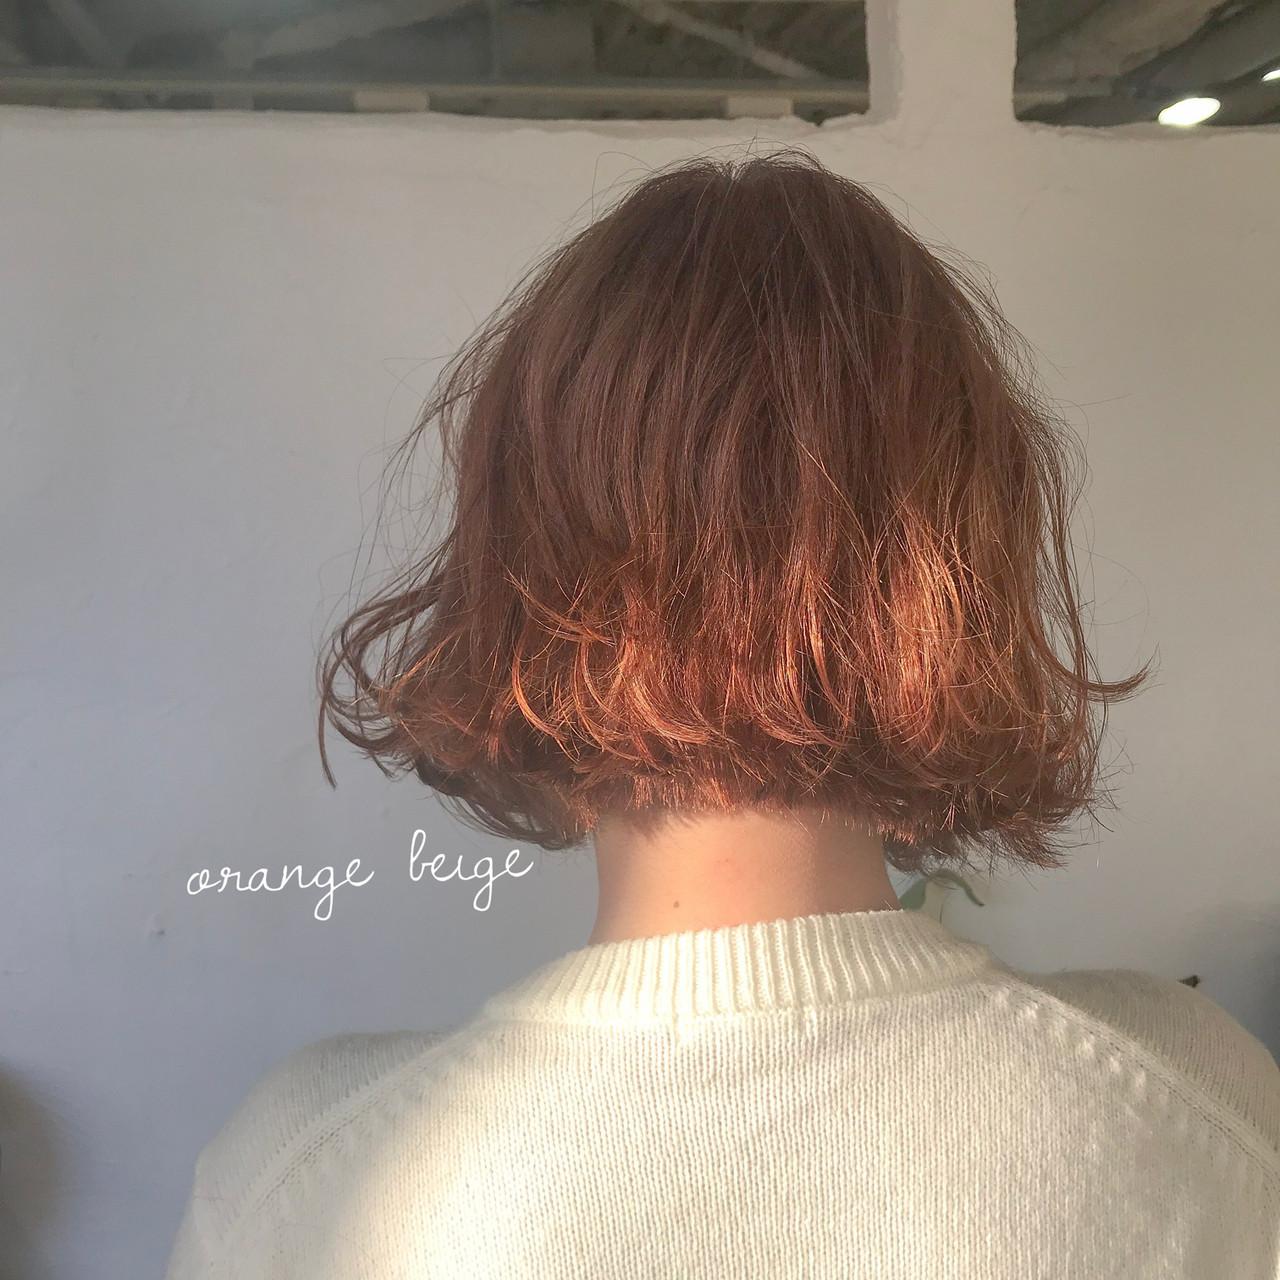 ピンクアッシュ オレンジカラー ナチュラル オレンジベージュ ヘアスタイルや髪型の写真・画像